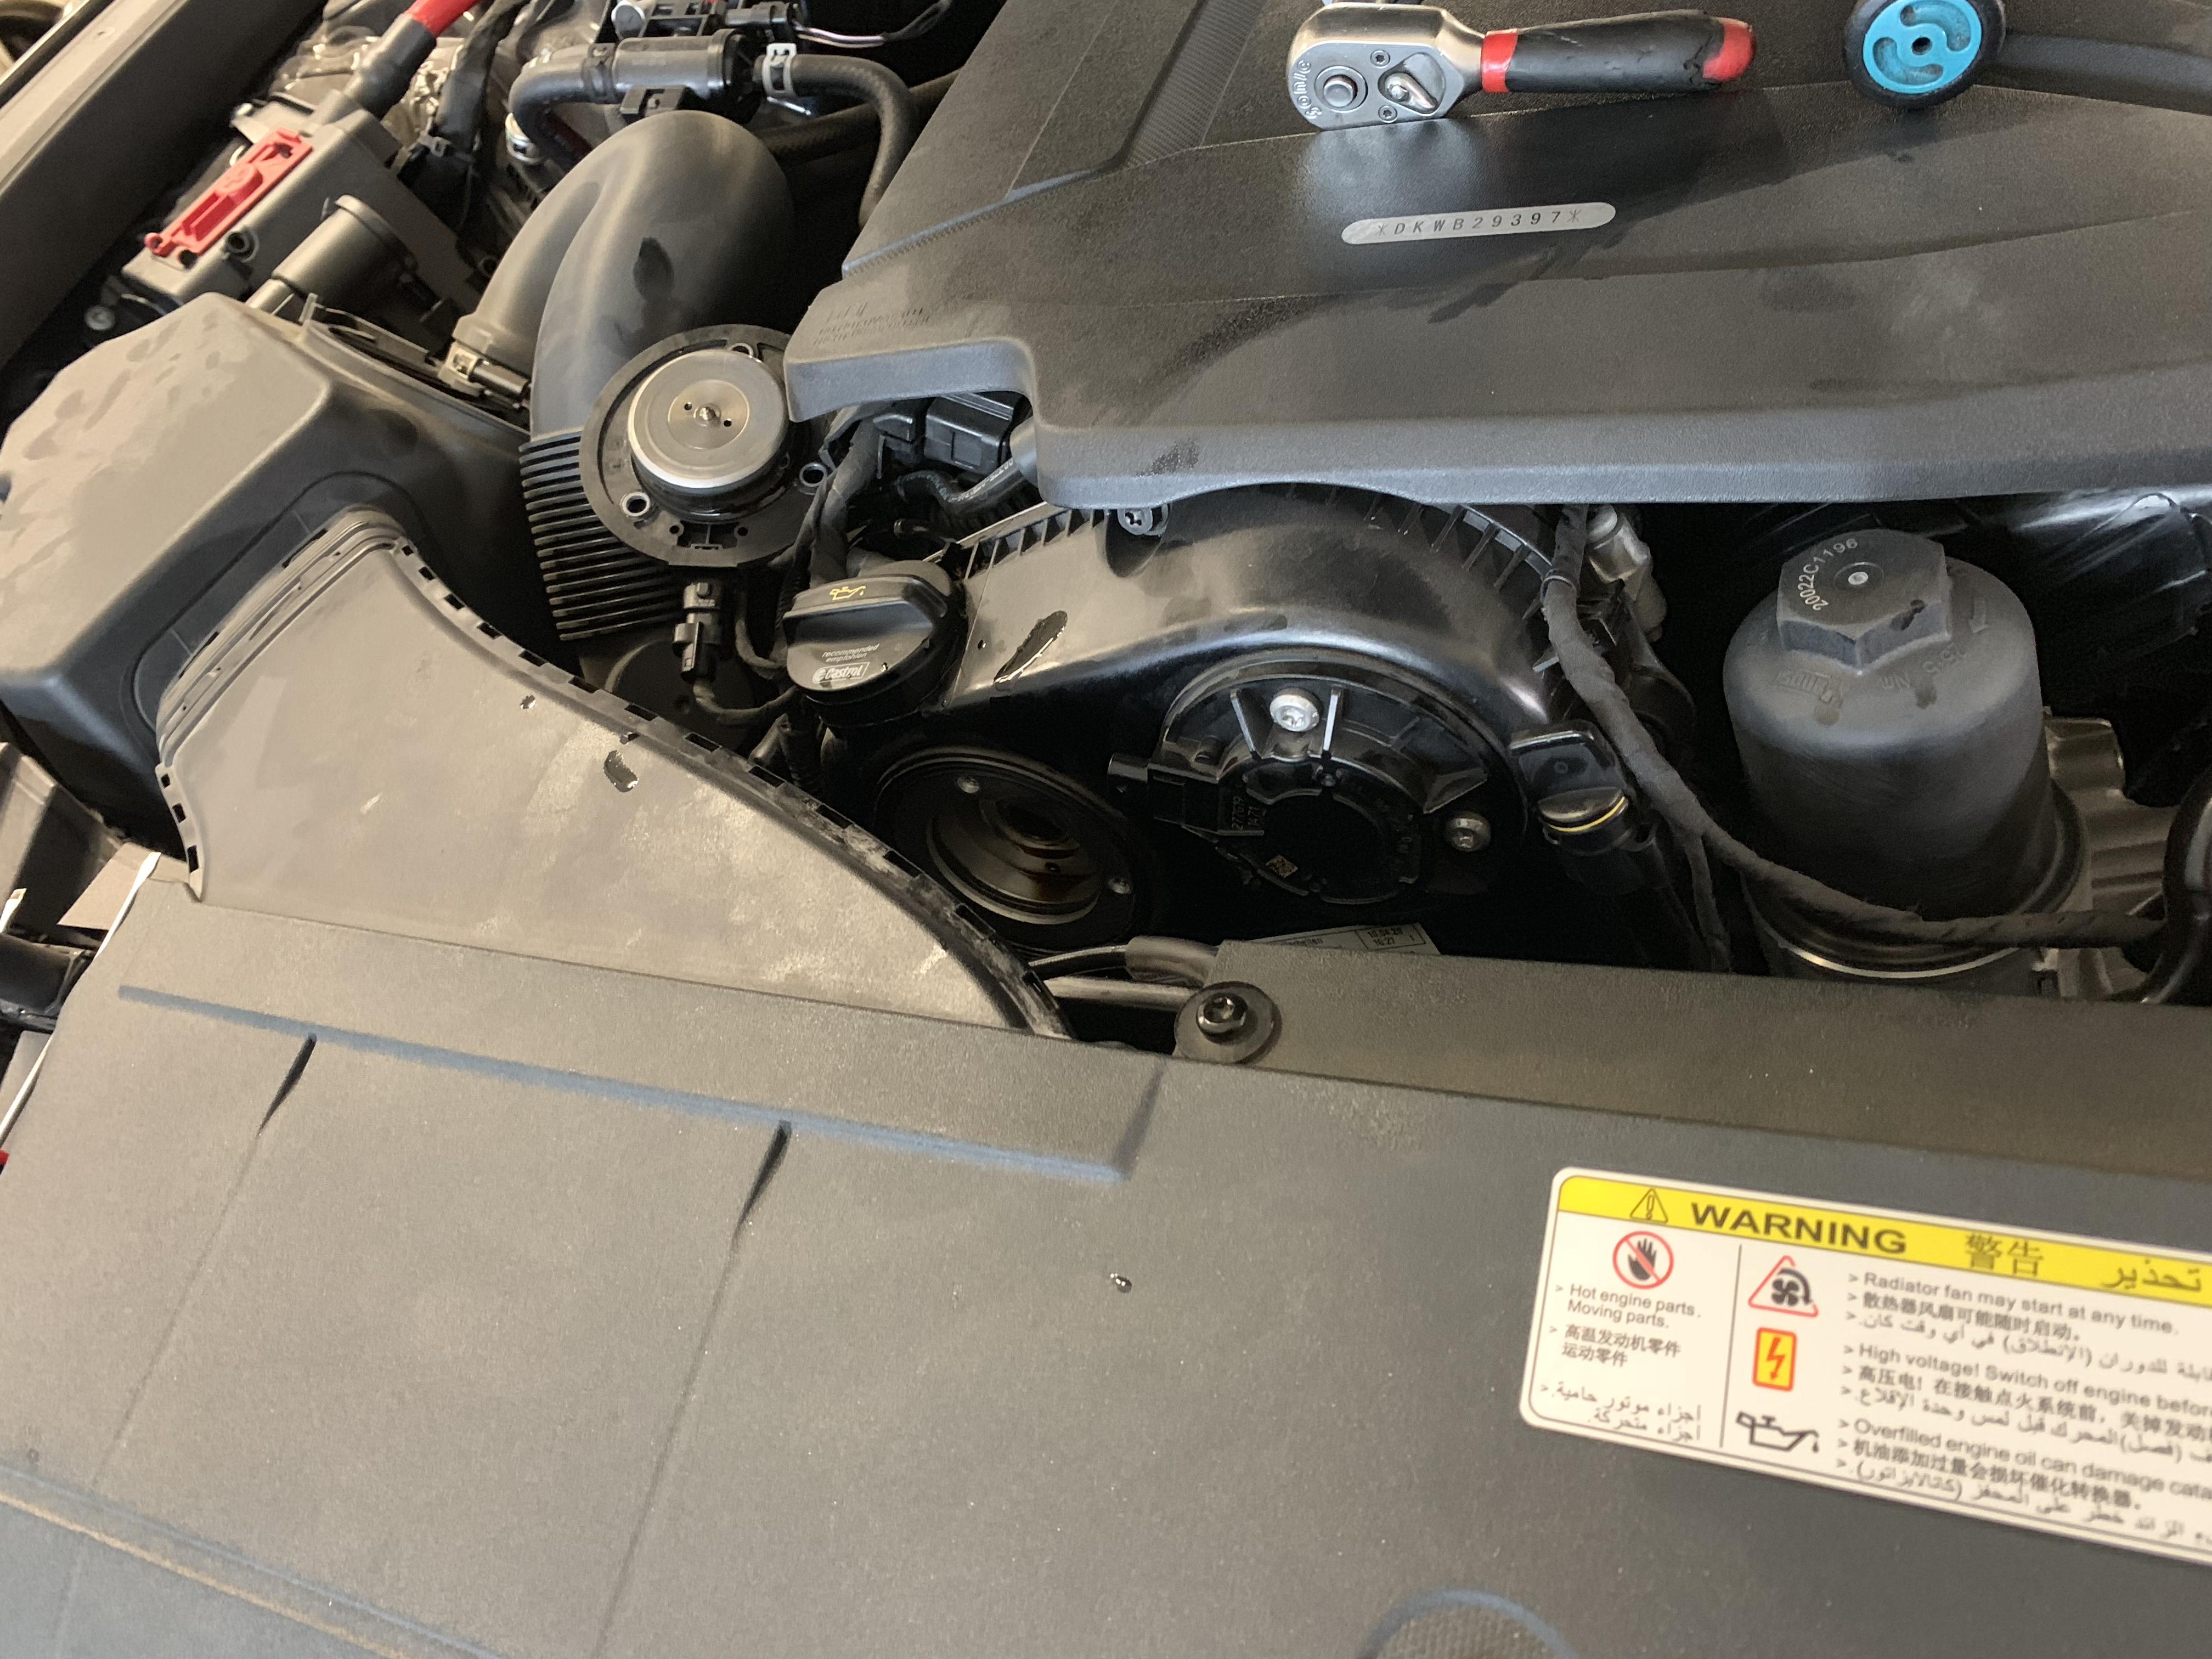 奥迪-A6L发动机频繁抖动熄火!点火后剧烈抖动,然后直接熄火,重复好几次点火,依然打不着。